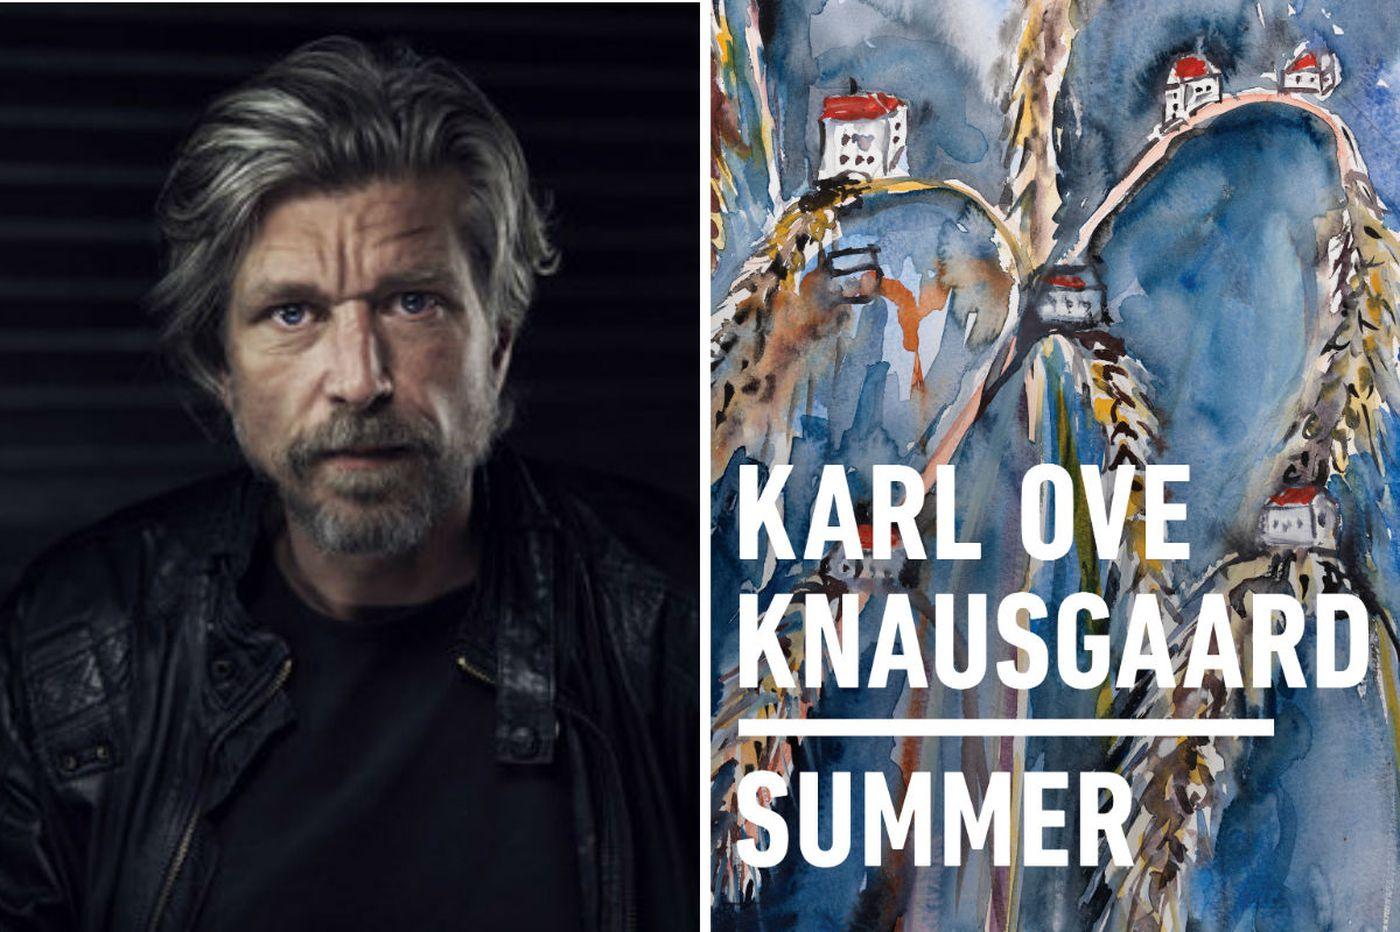 'Summer' by Knausgaard: Final book of four seasons for a daughter